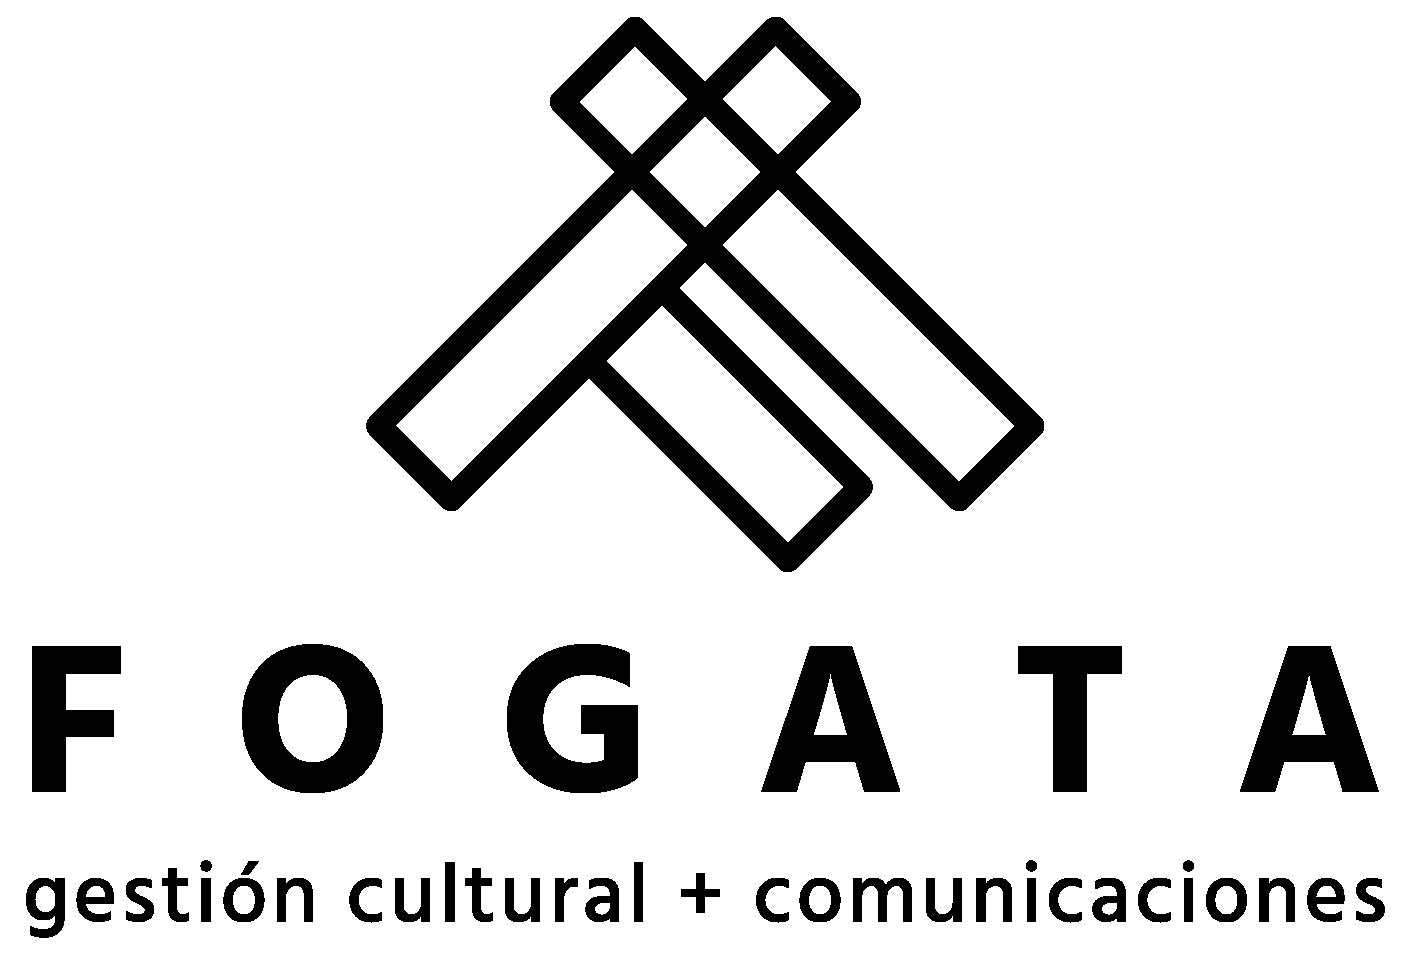 Fogata